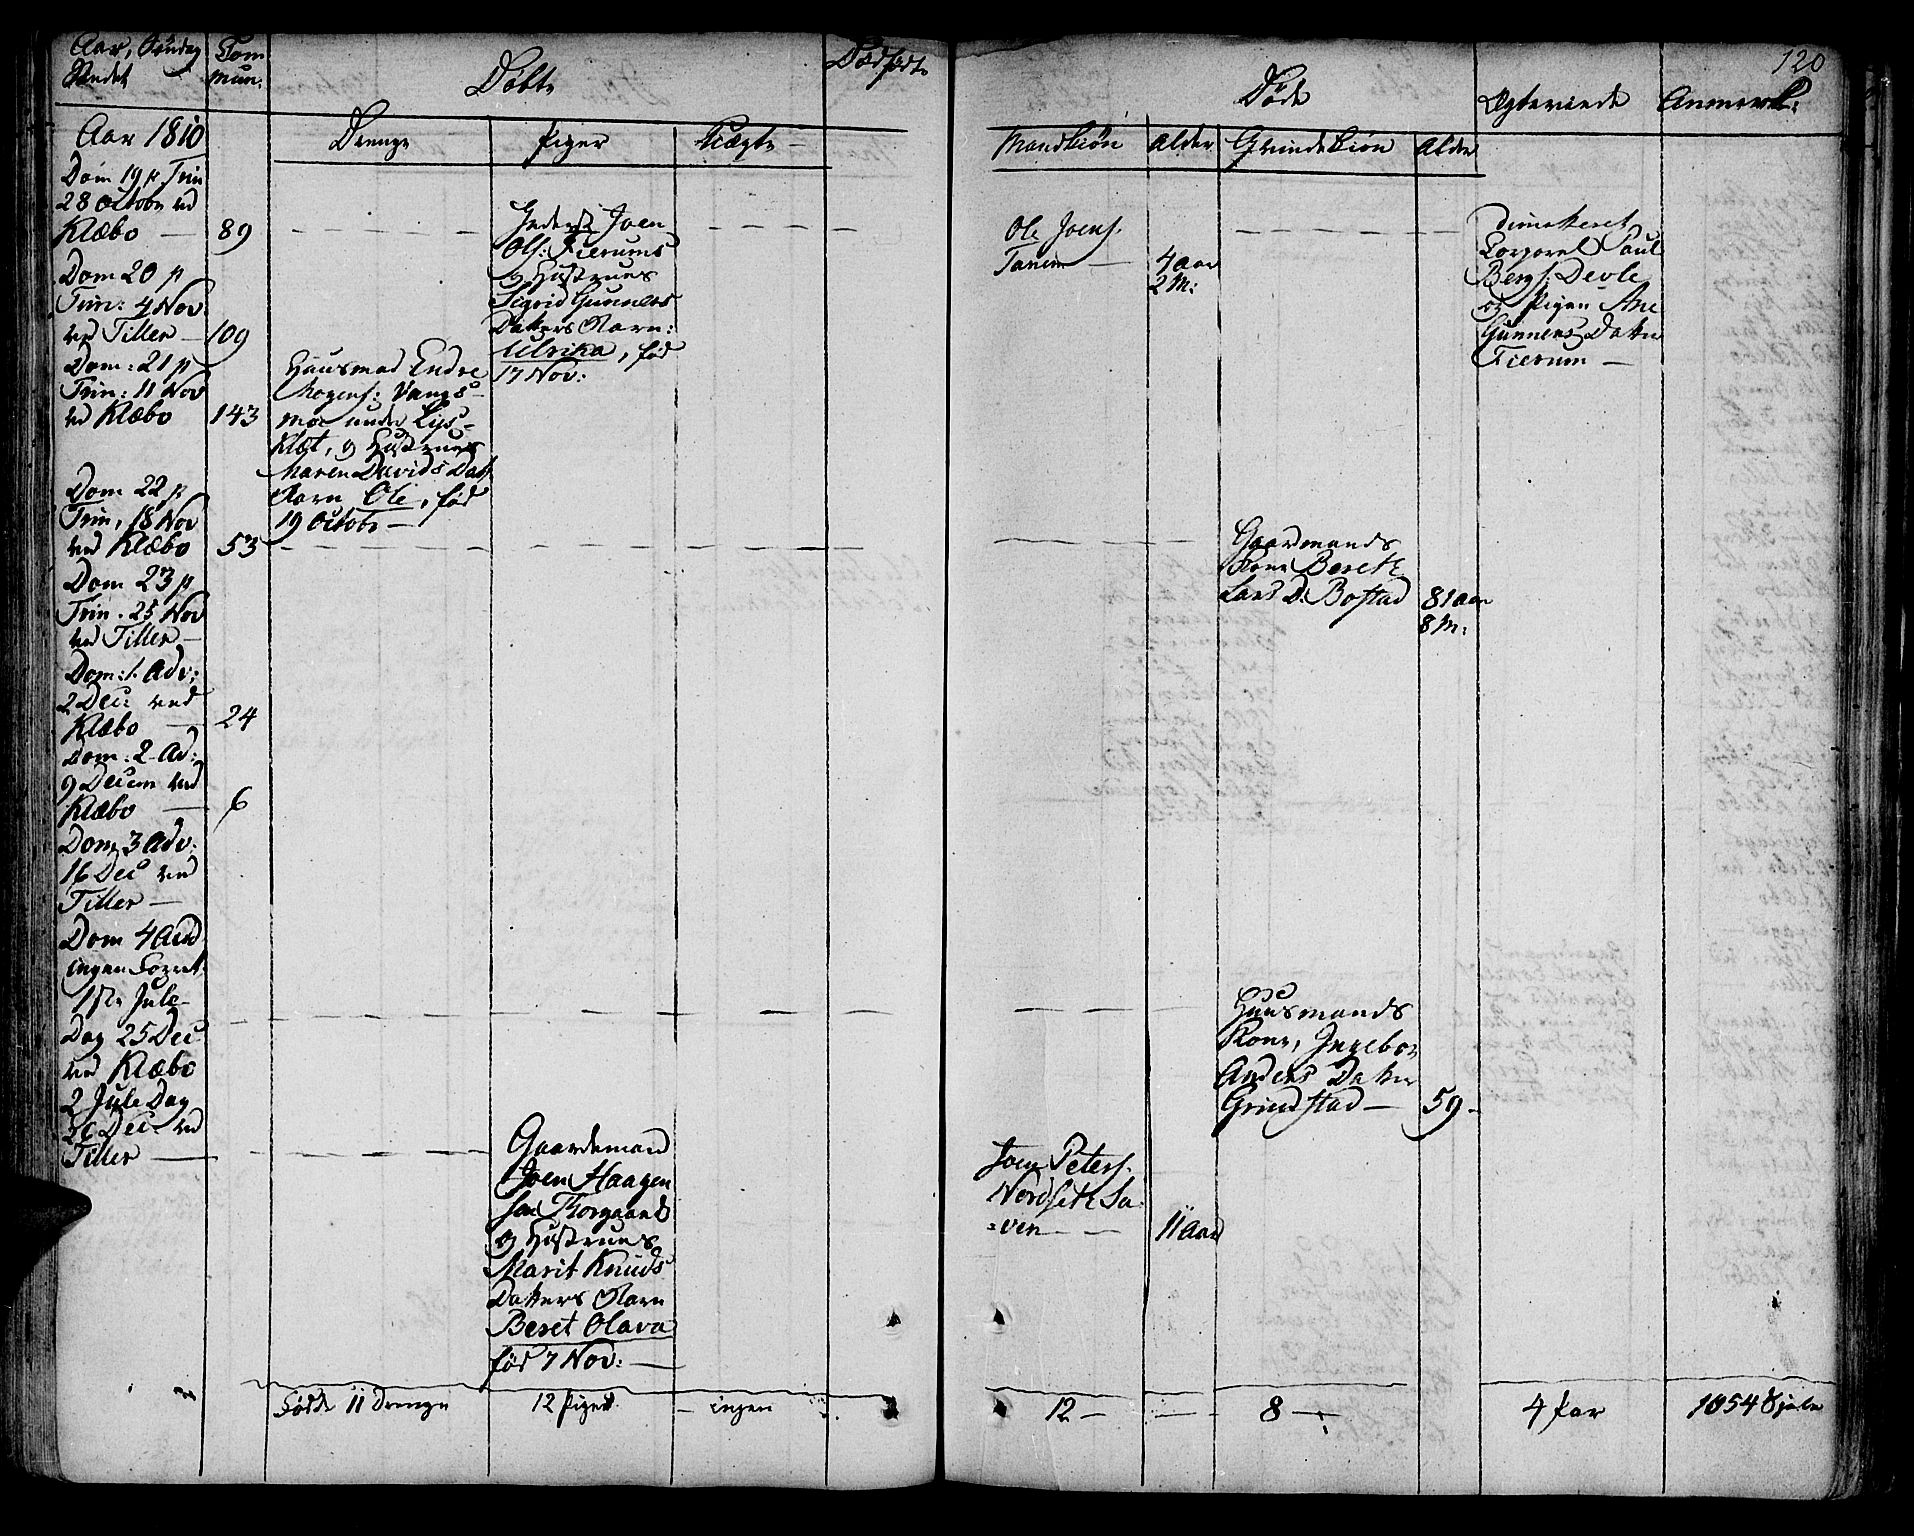 SAT, Ministerialprotokoller, klokkerbøker og fødselsregistre - Sør-Trøndelag, 618/L0438: Ministerialbok nr. 618A03, 1783-1815, s. 120